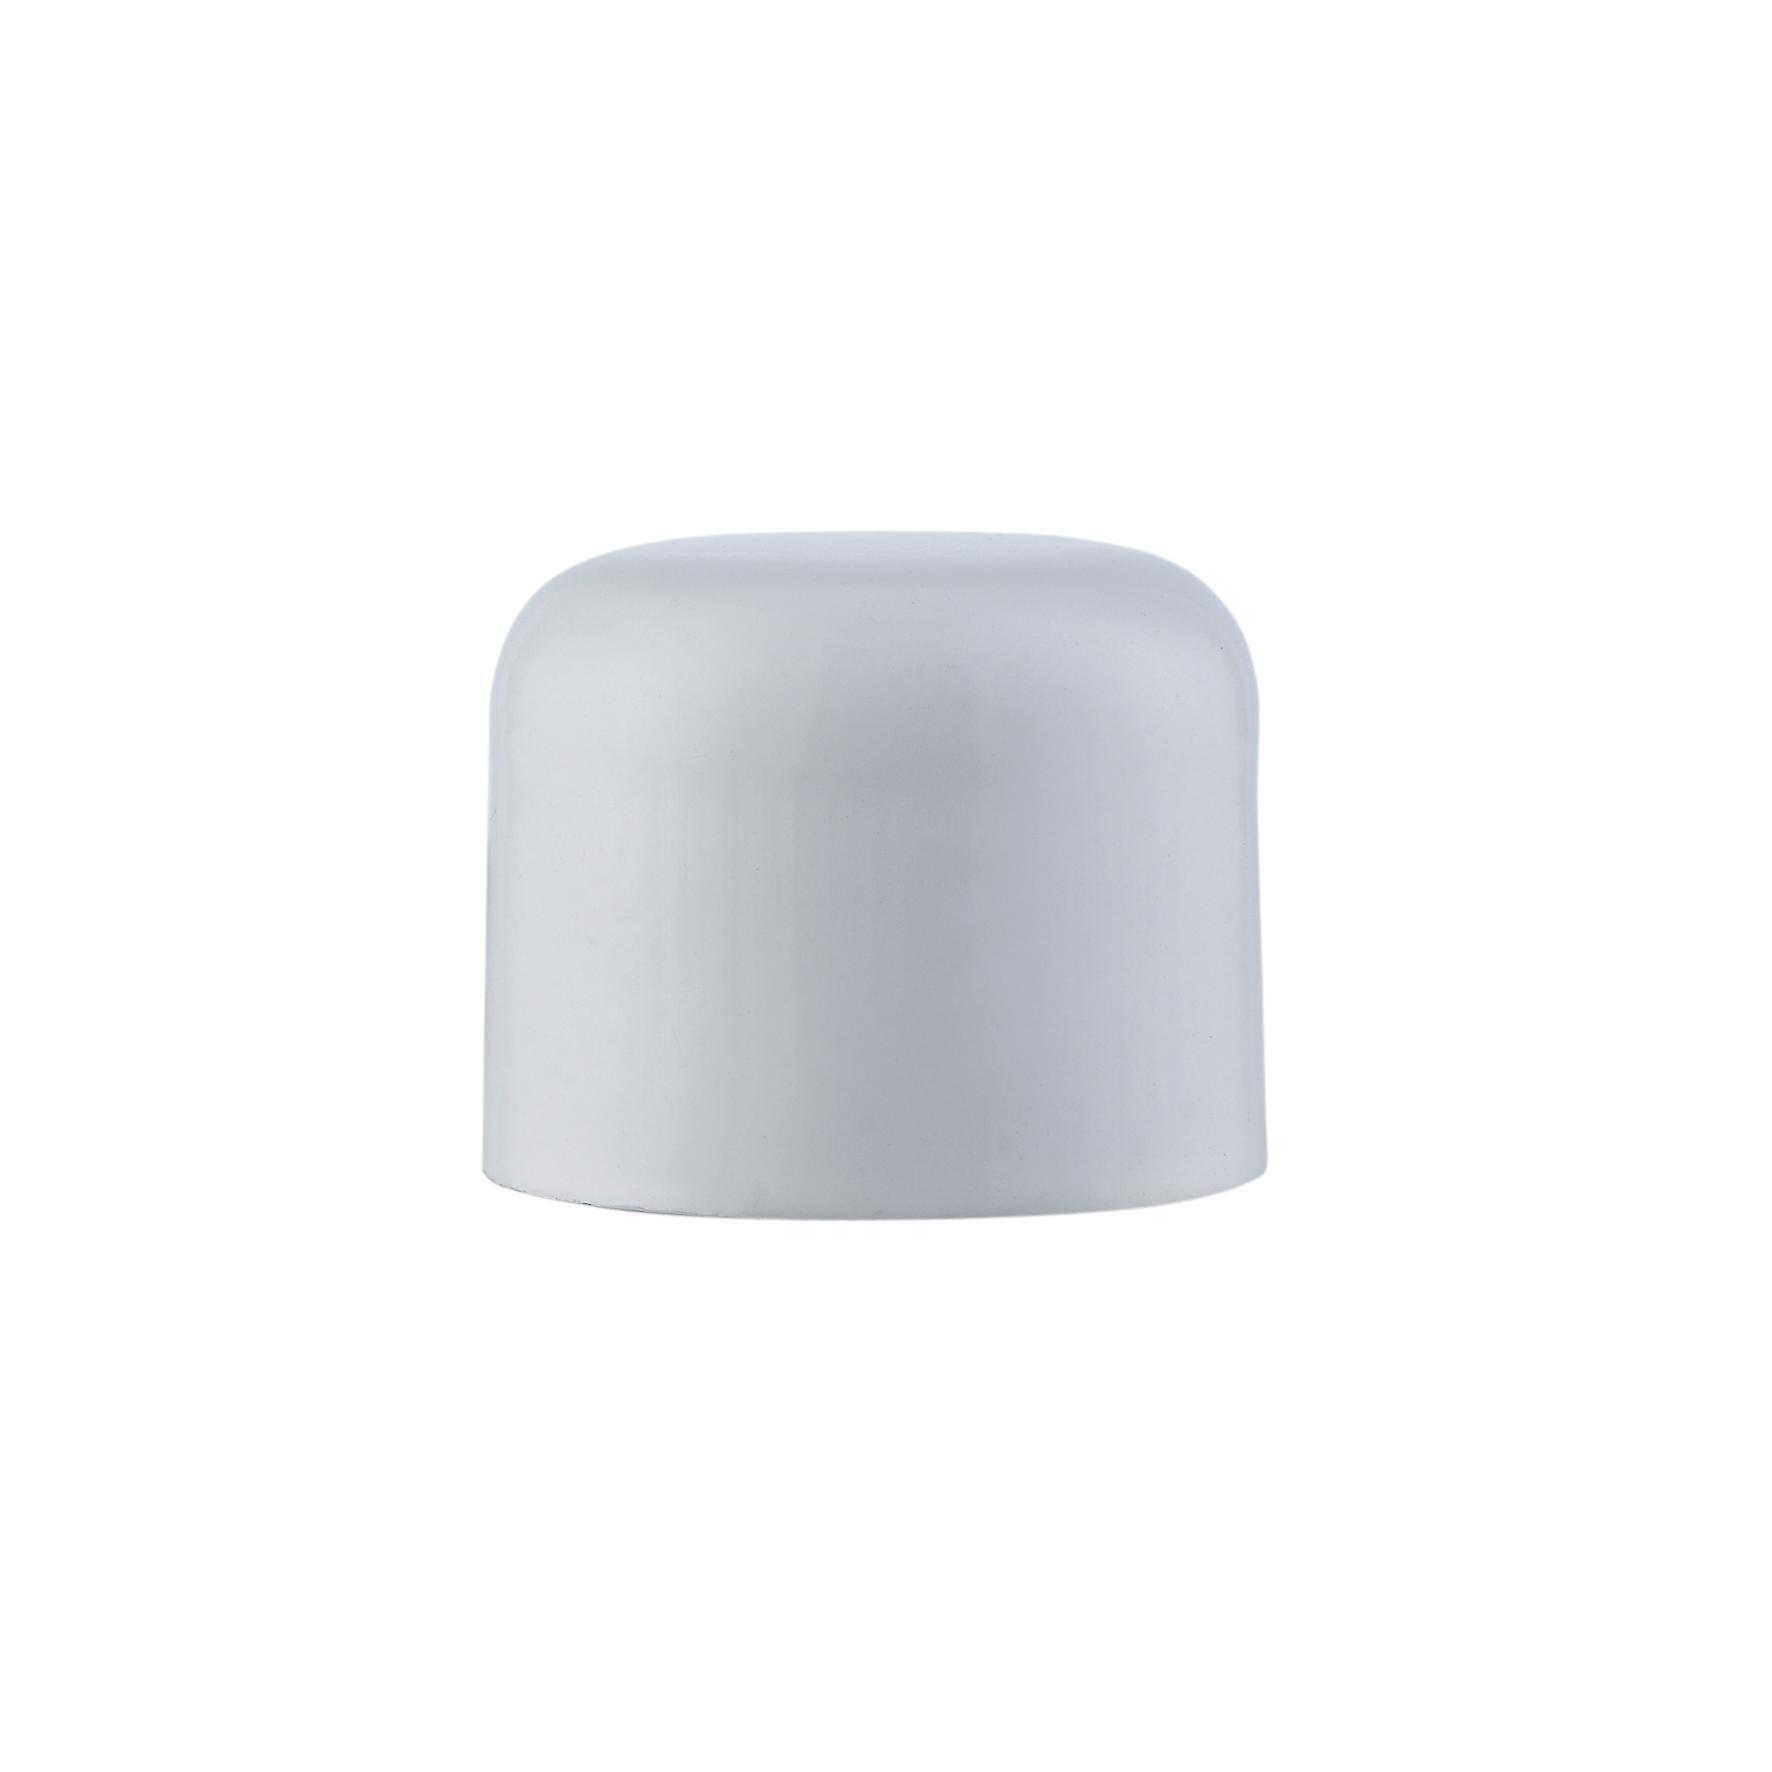 Finale per bastone Nilo tappo in metallo Ø20mm bianco lucido INSPIRE Set di 2 pezzi - 1